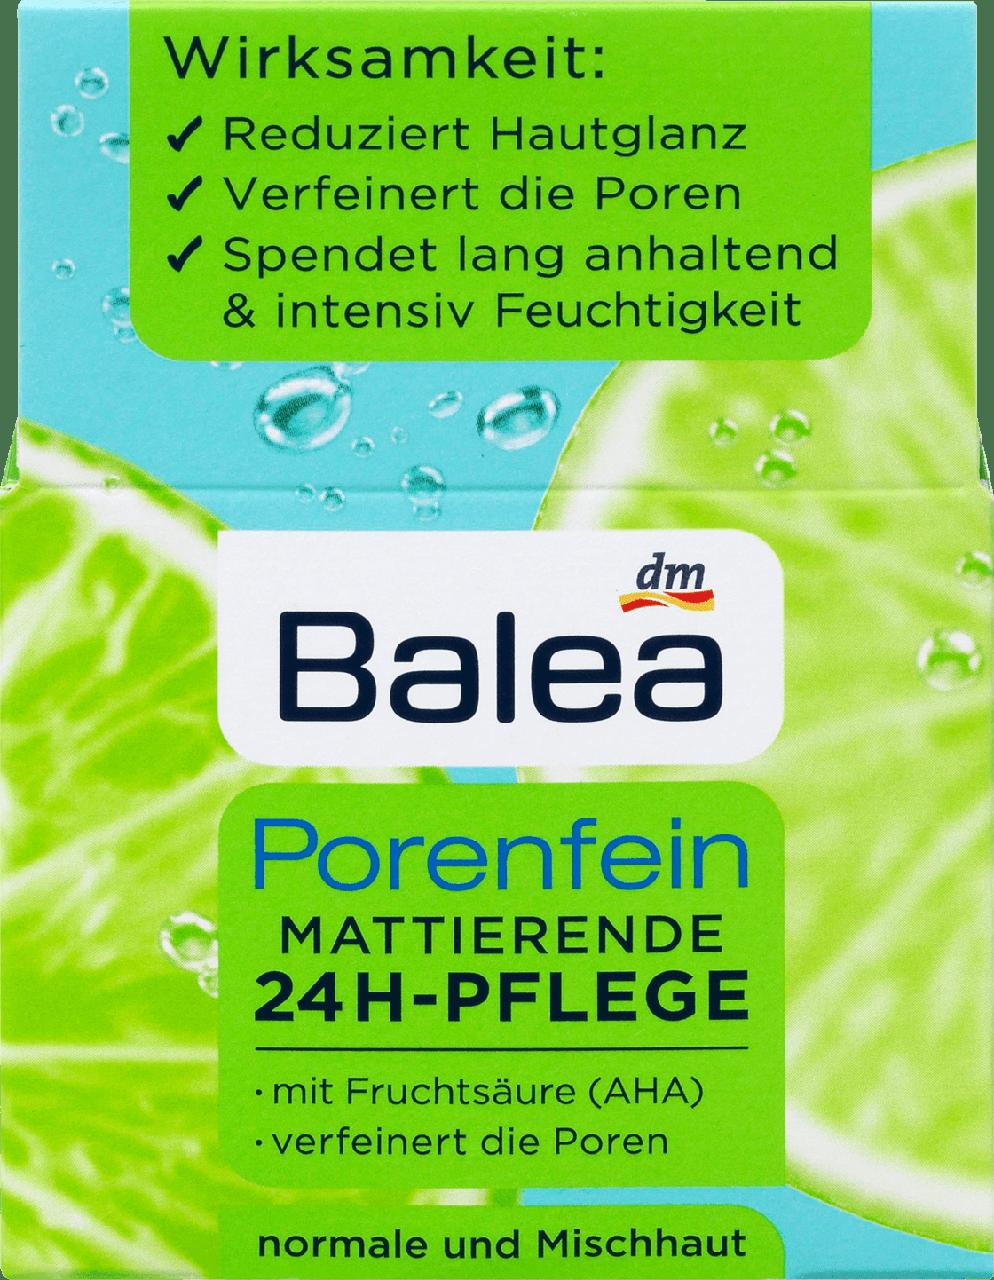 Матирующий крем для лица с фруктовыми кислотами Balea Porenfein Mattierende 24H-Pflege, 50 ml.